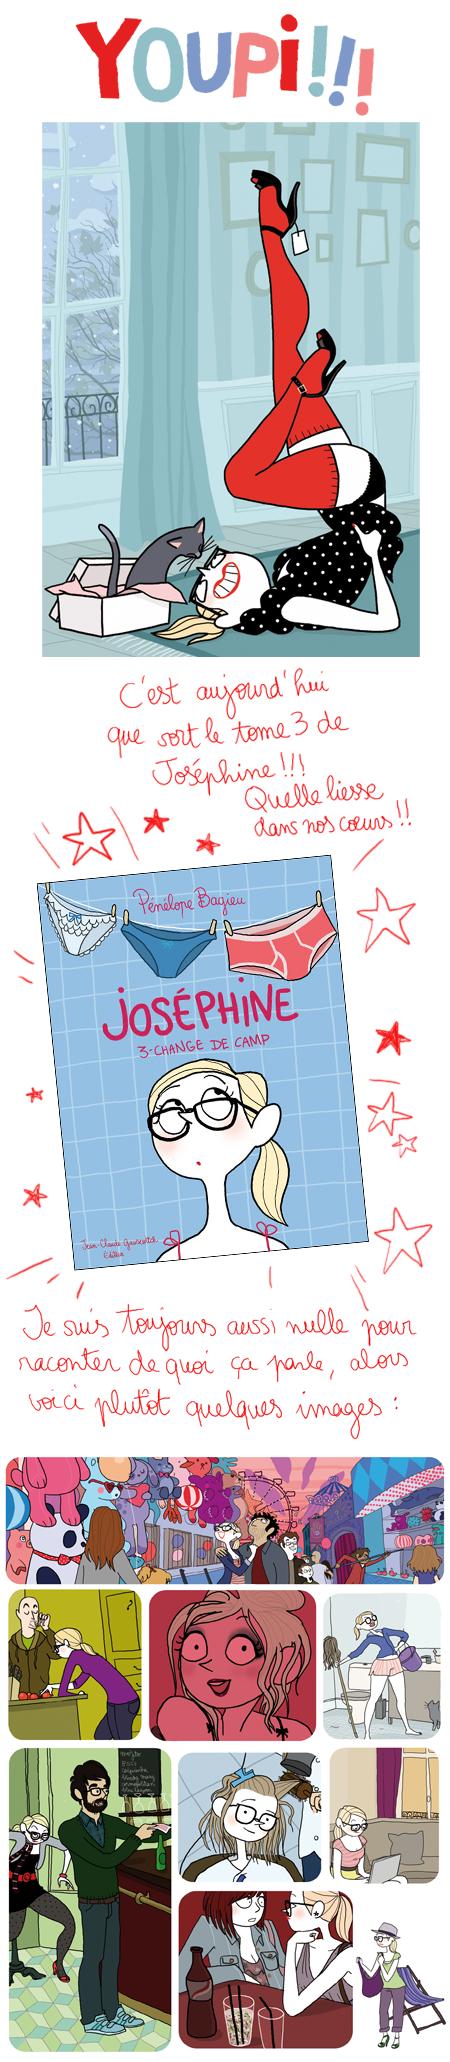 Josephine3